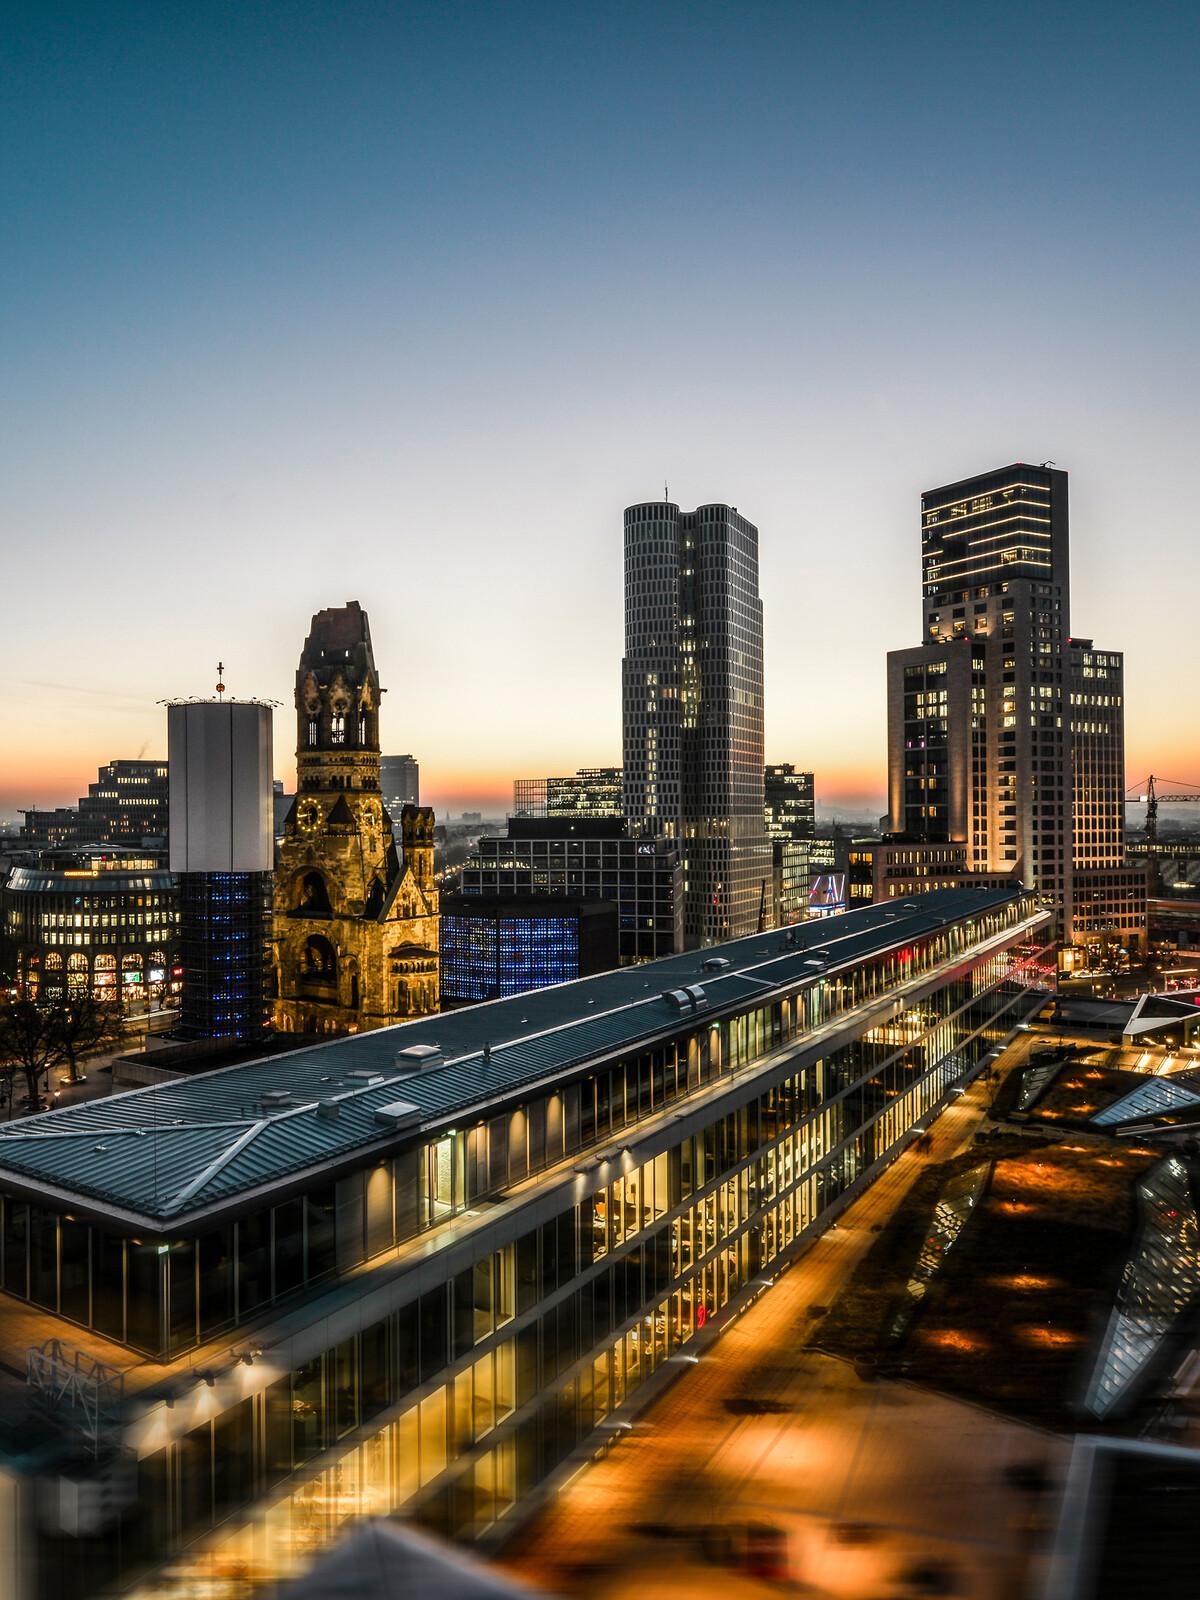 West Berlin Panorama Night - Johannes Weinsheimer